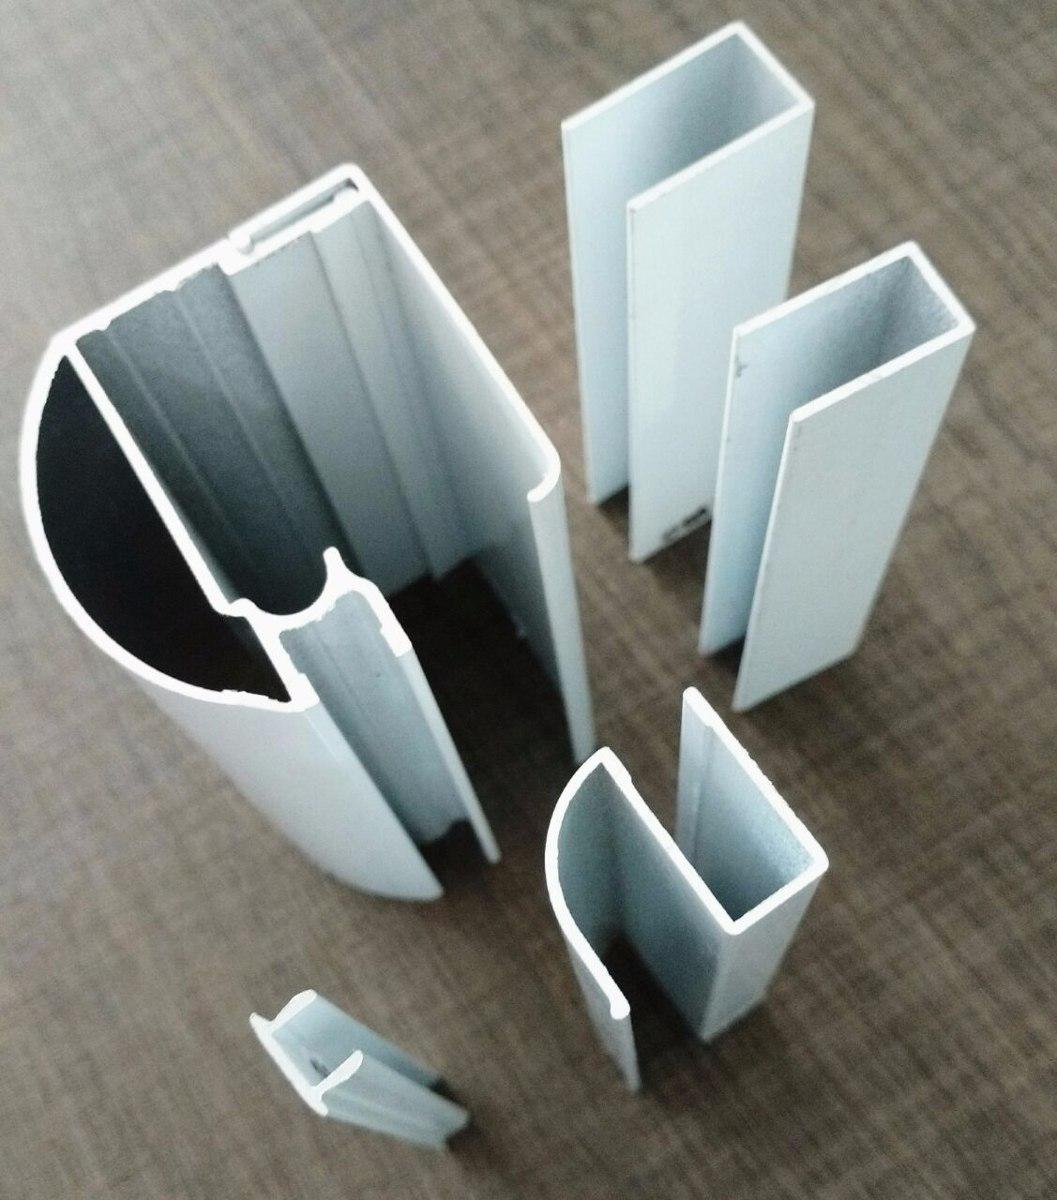 Kit Box Banheiro Vidro Temperado Frontal 1 20m R$ 114 00 em Mercado  #576F74 1057 1200